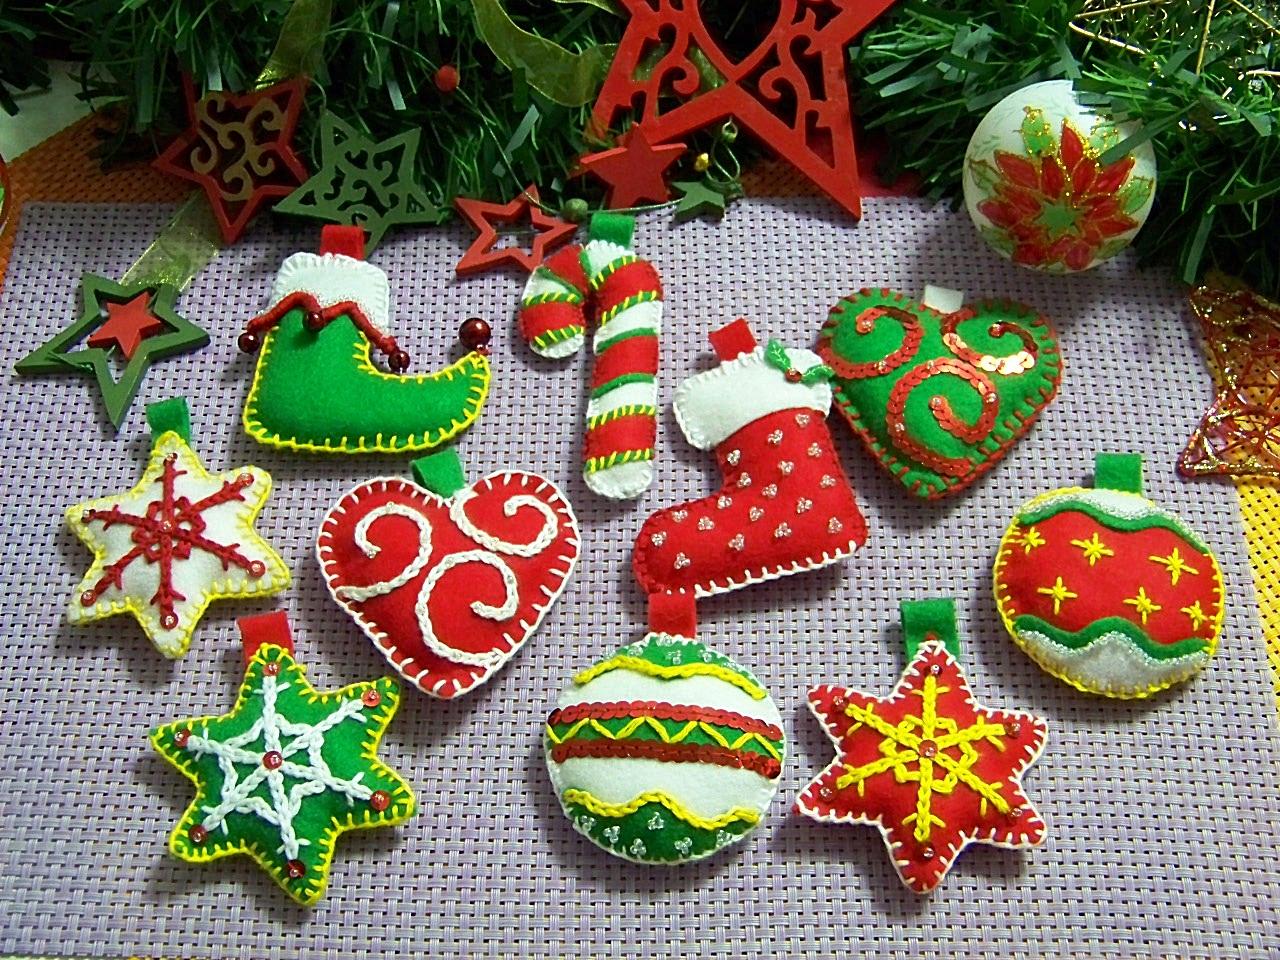 Mi cocinita de juguete feliz navidad mis adornos - Adornos navidenos para comercios ...